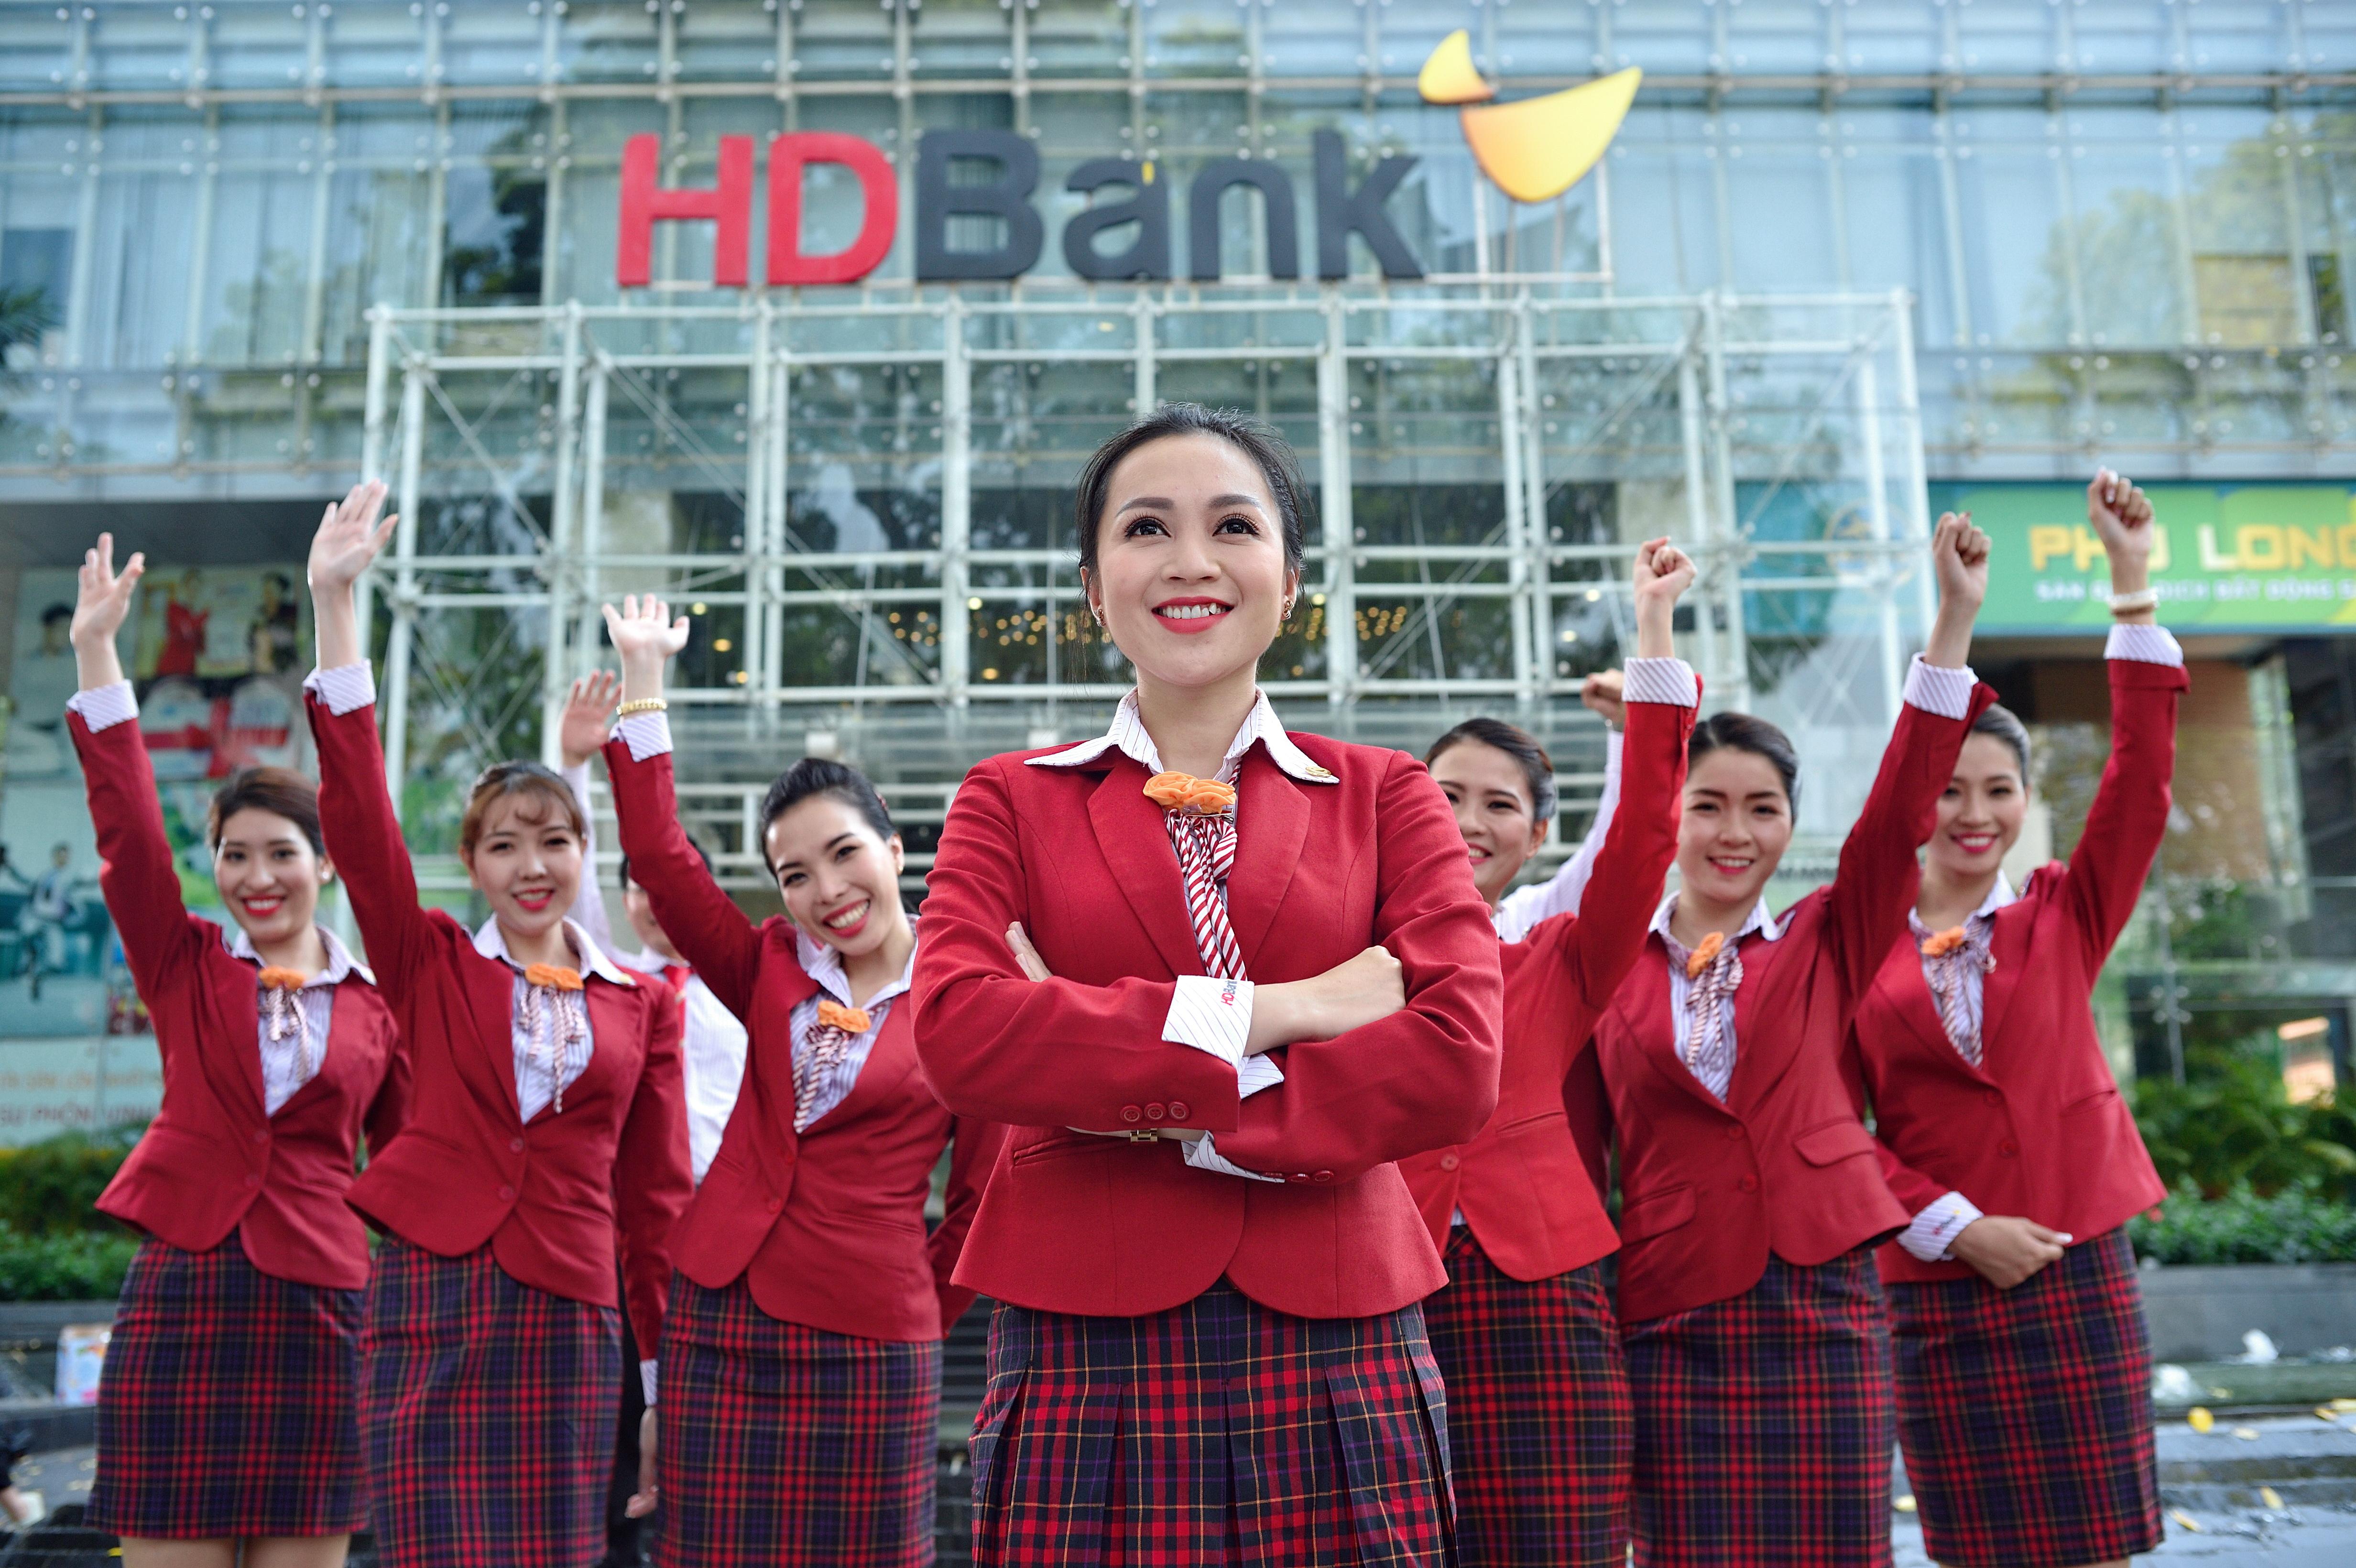 """HDBank - ngân hàng Việt Nam duy nhất 4 năm liền được vinh danh """"Nơi làm việc tốt nhất châu Á"""" - Ảnh 1"""